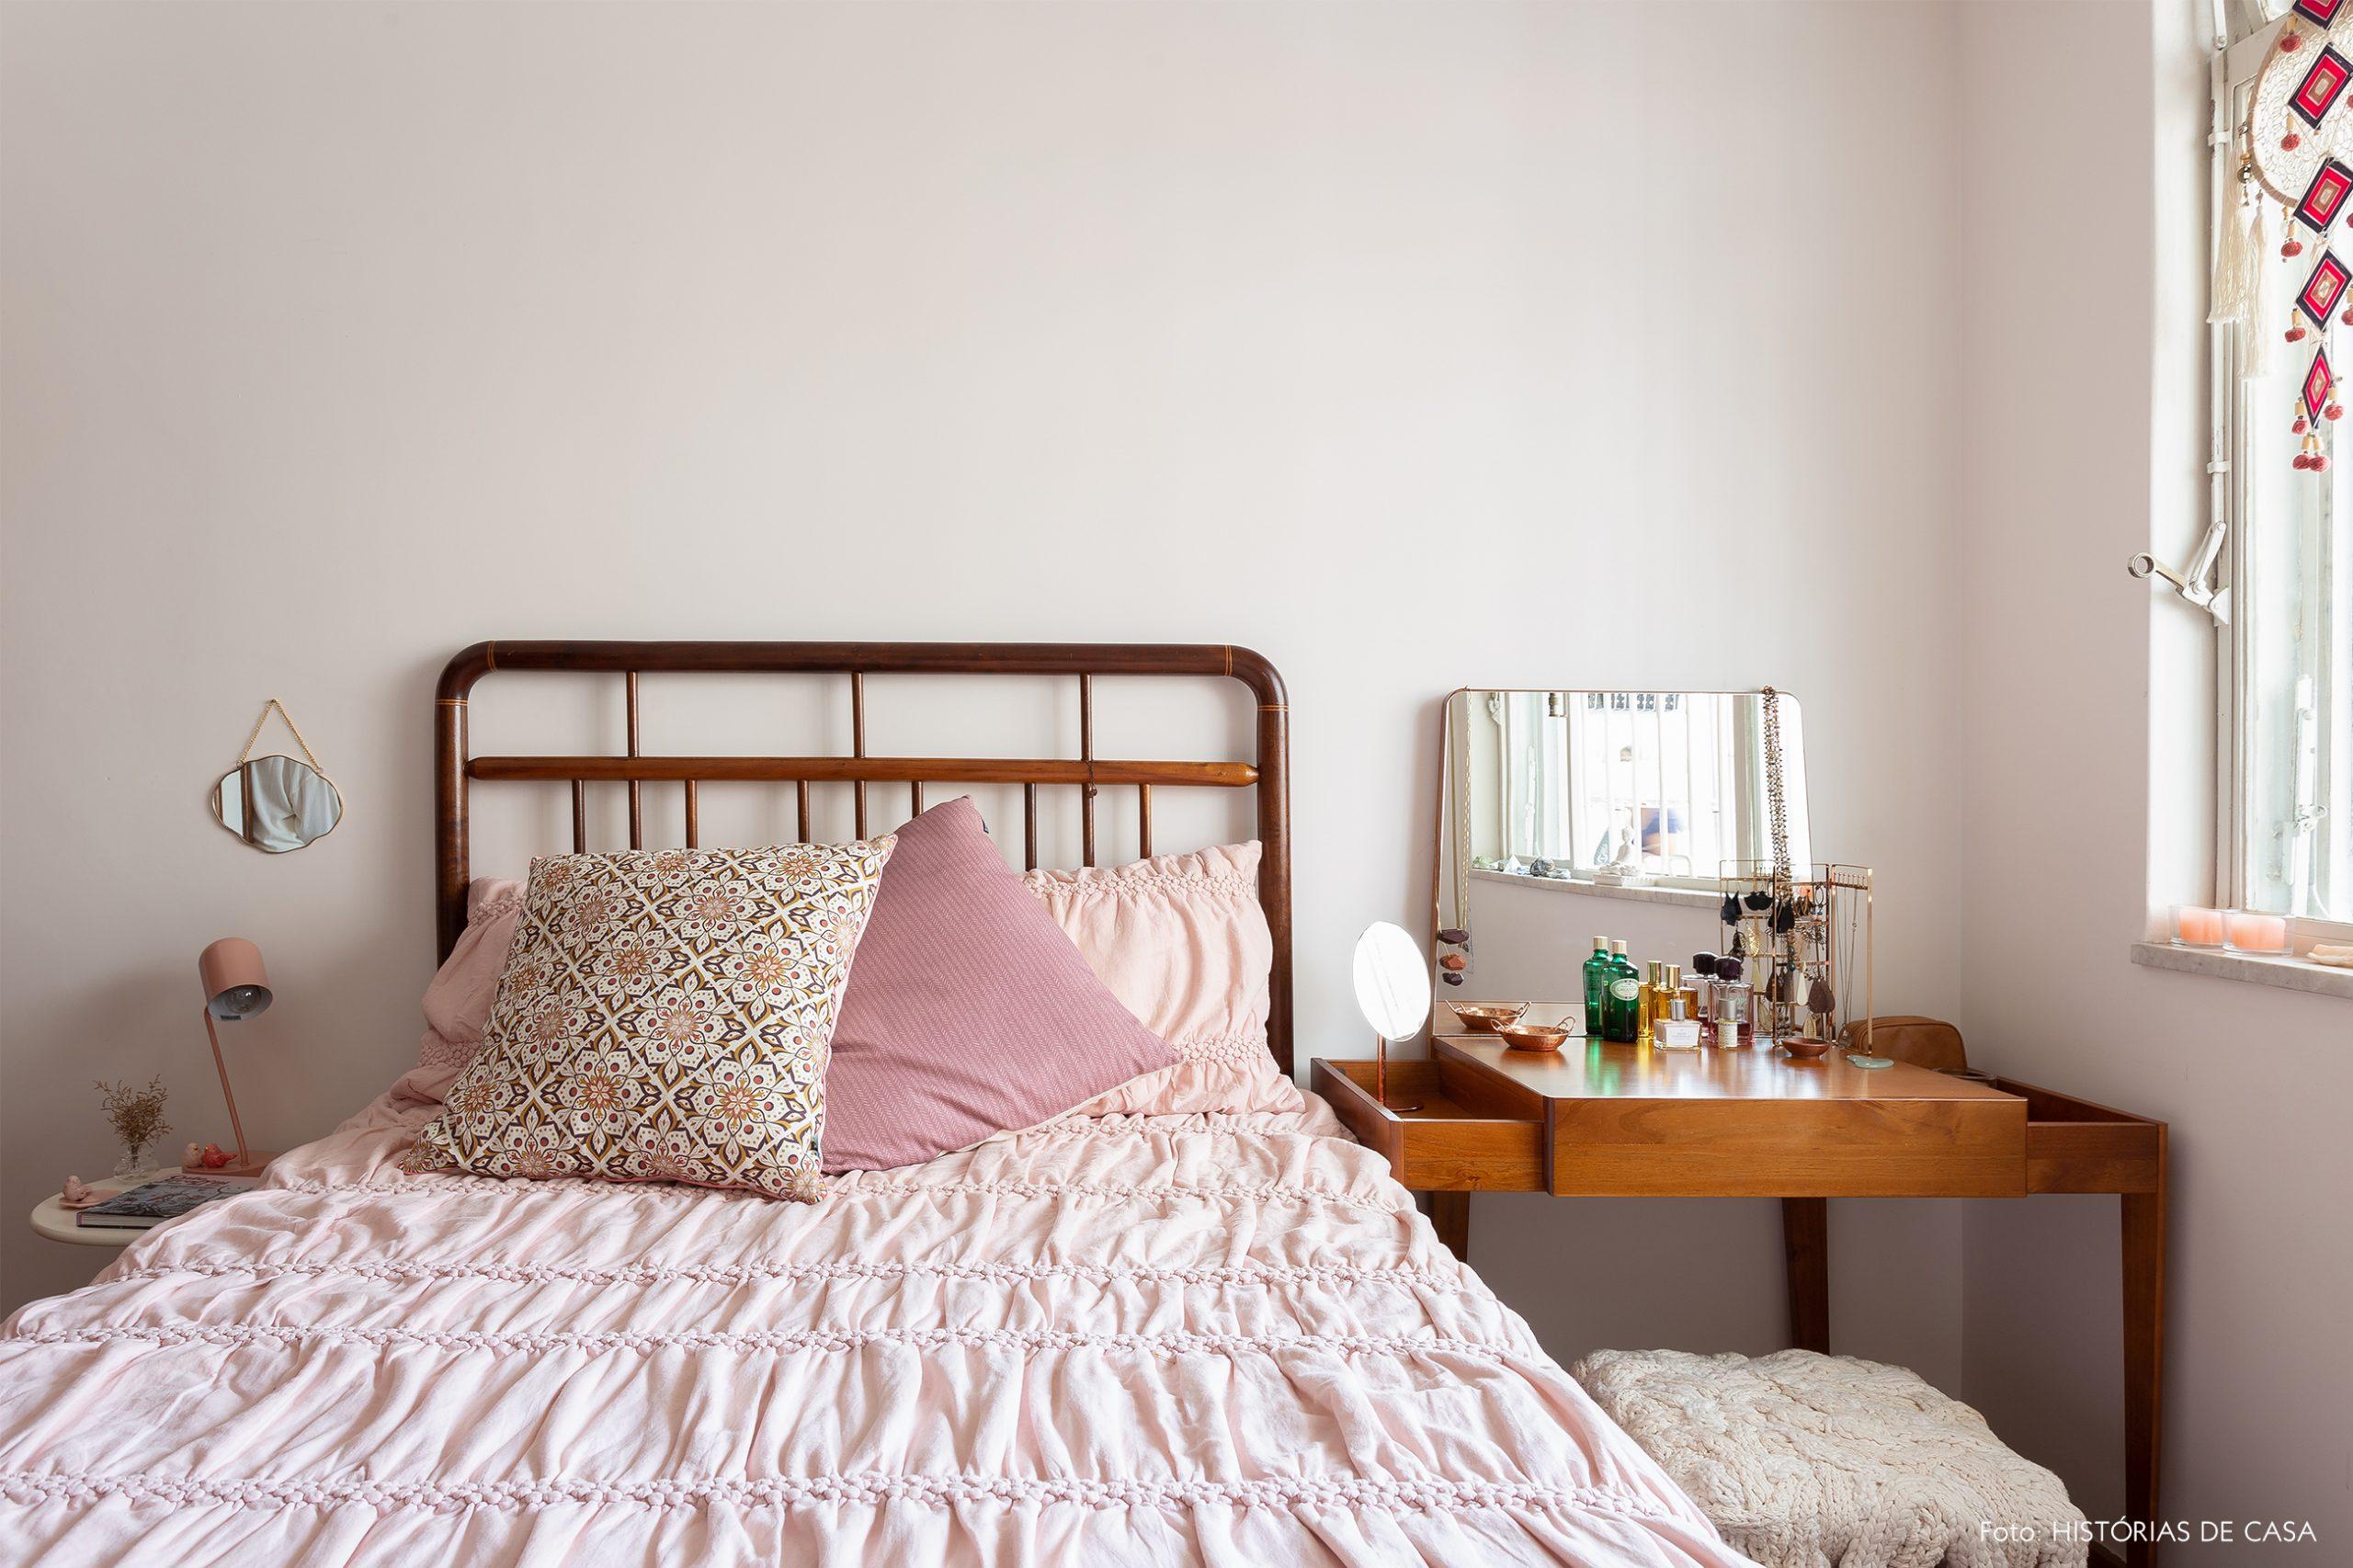 decoração quarto com parede rosa claro e cama de madeira escura